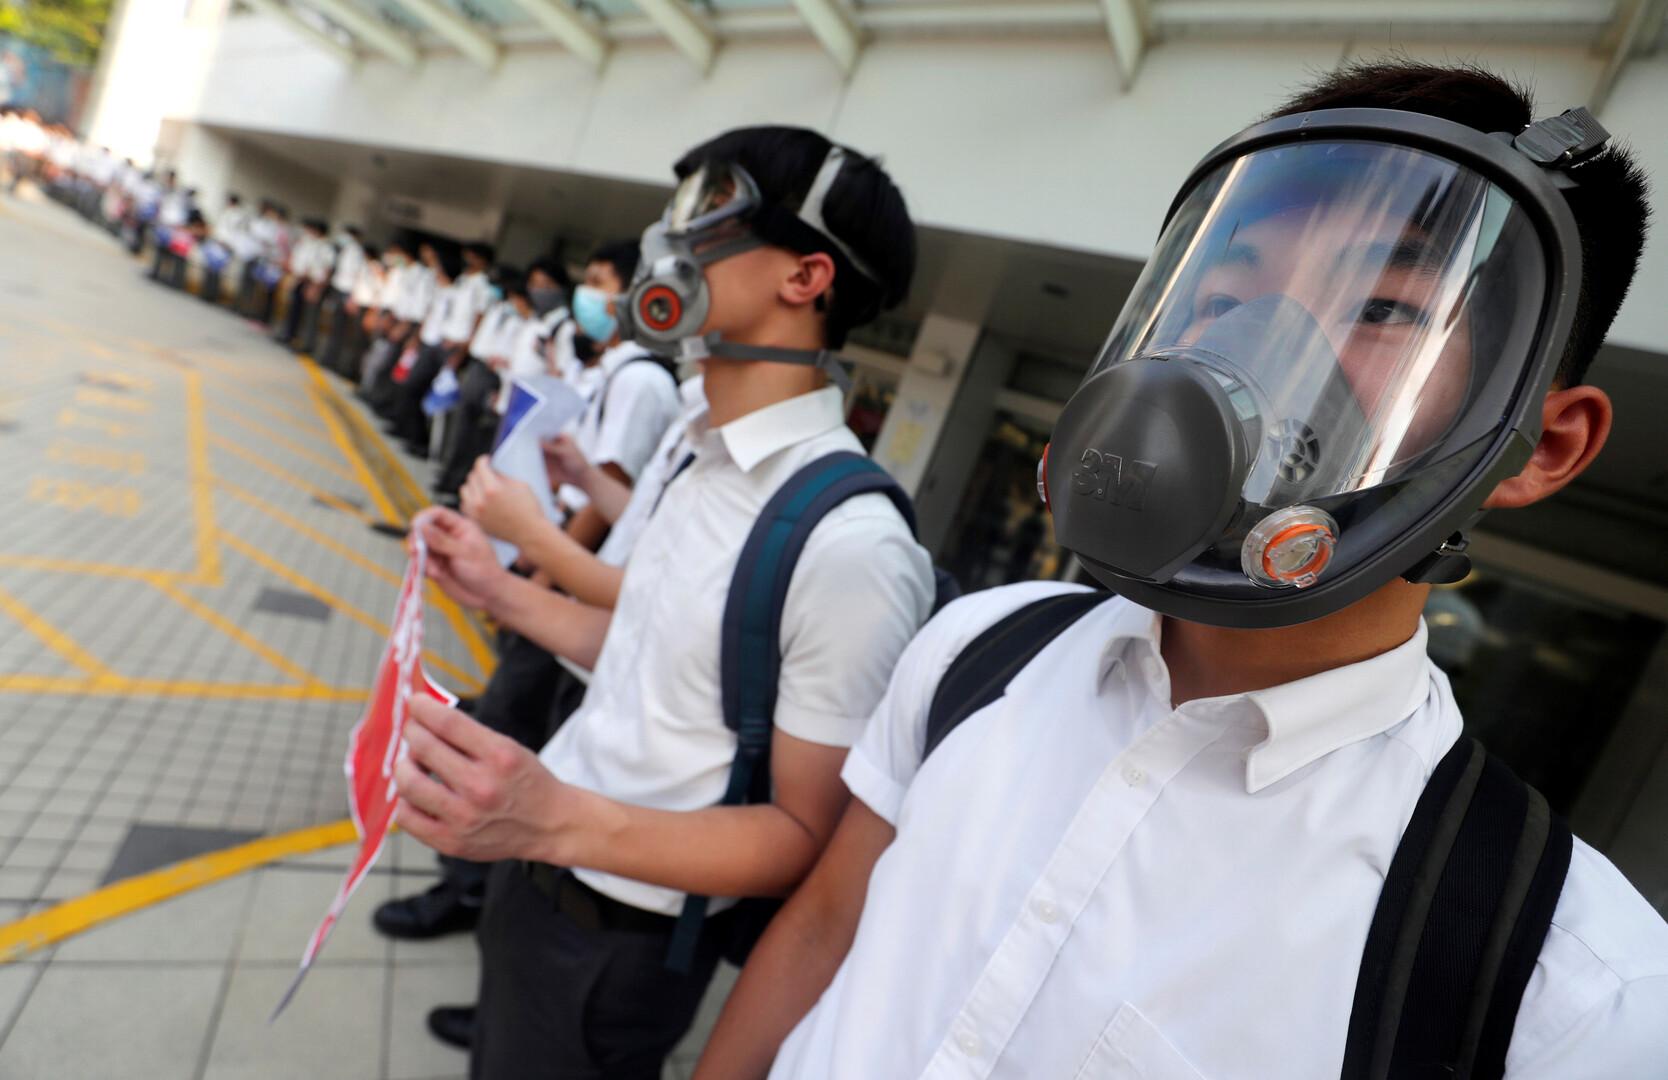 سلاسل بشرية.. شكل جديد من الاحتجاجات في هونغ كونغ